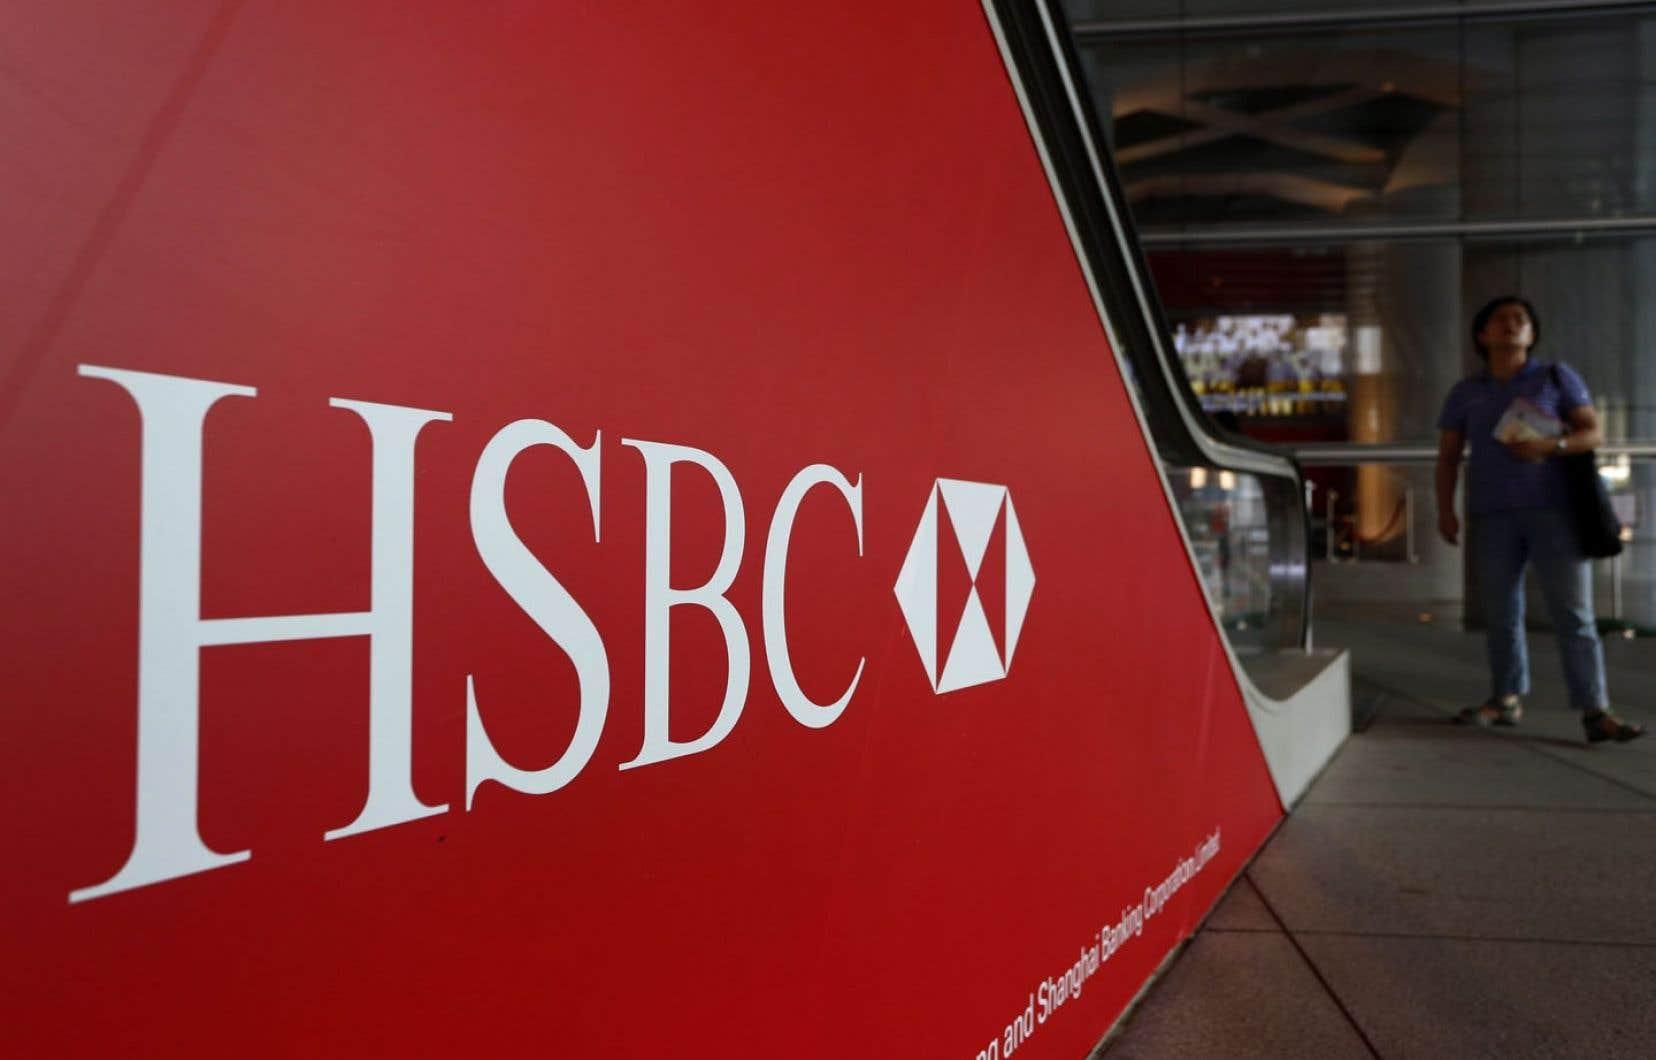 670milliards de dollars en provenance du Mexique ont transité dans des comptes ouverts à la HSBC, la banque négligeant d'exercer les contrôles nécessaires. Les fonds étaient peut-être liés aux trafiquants de drogue.